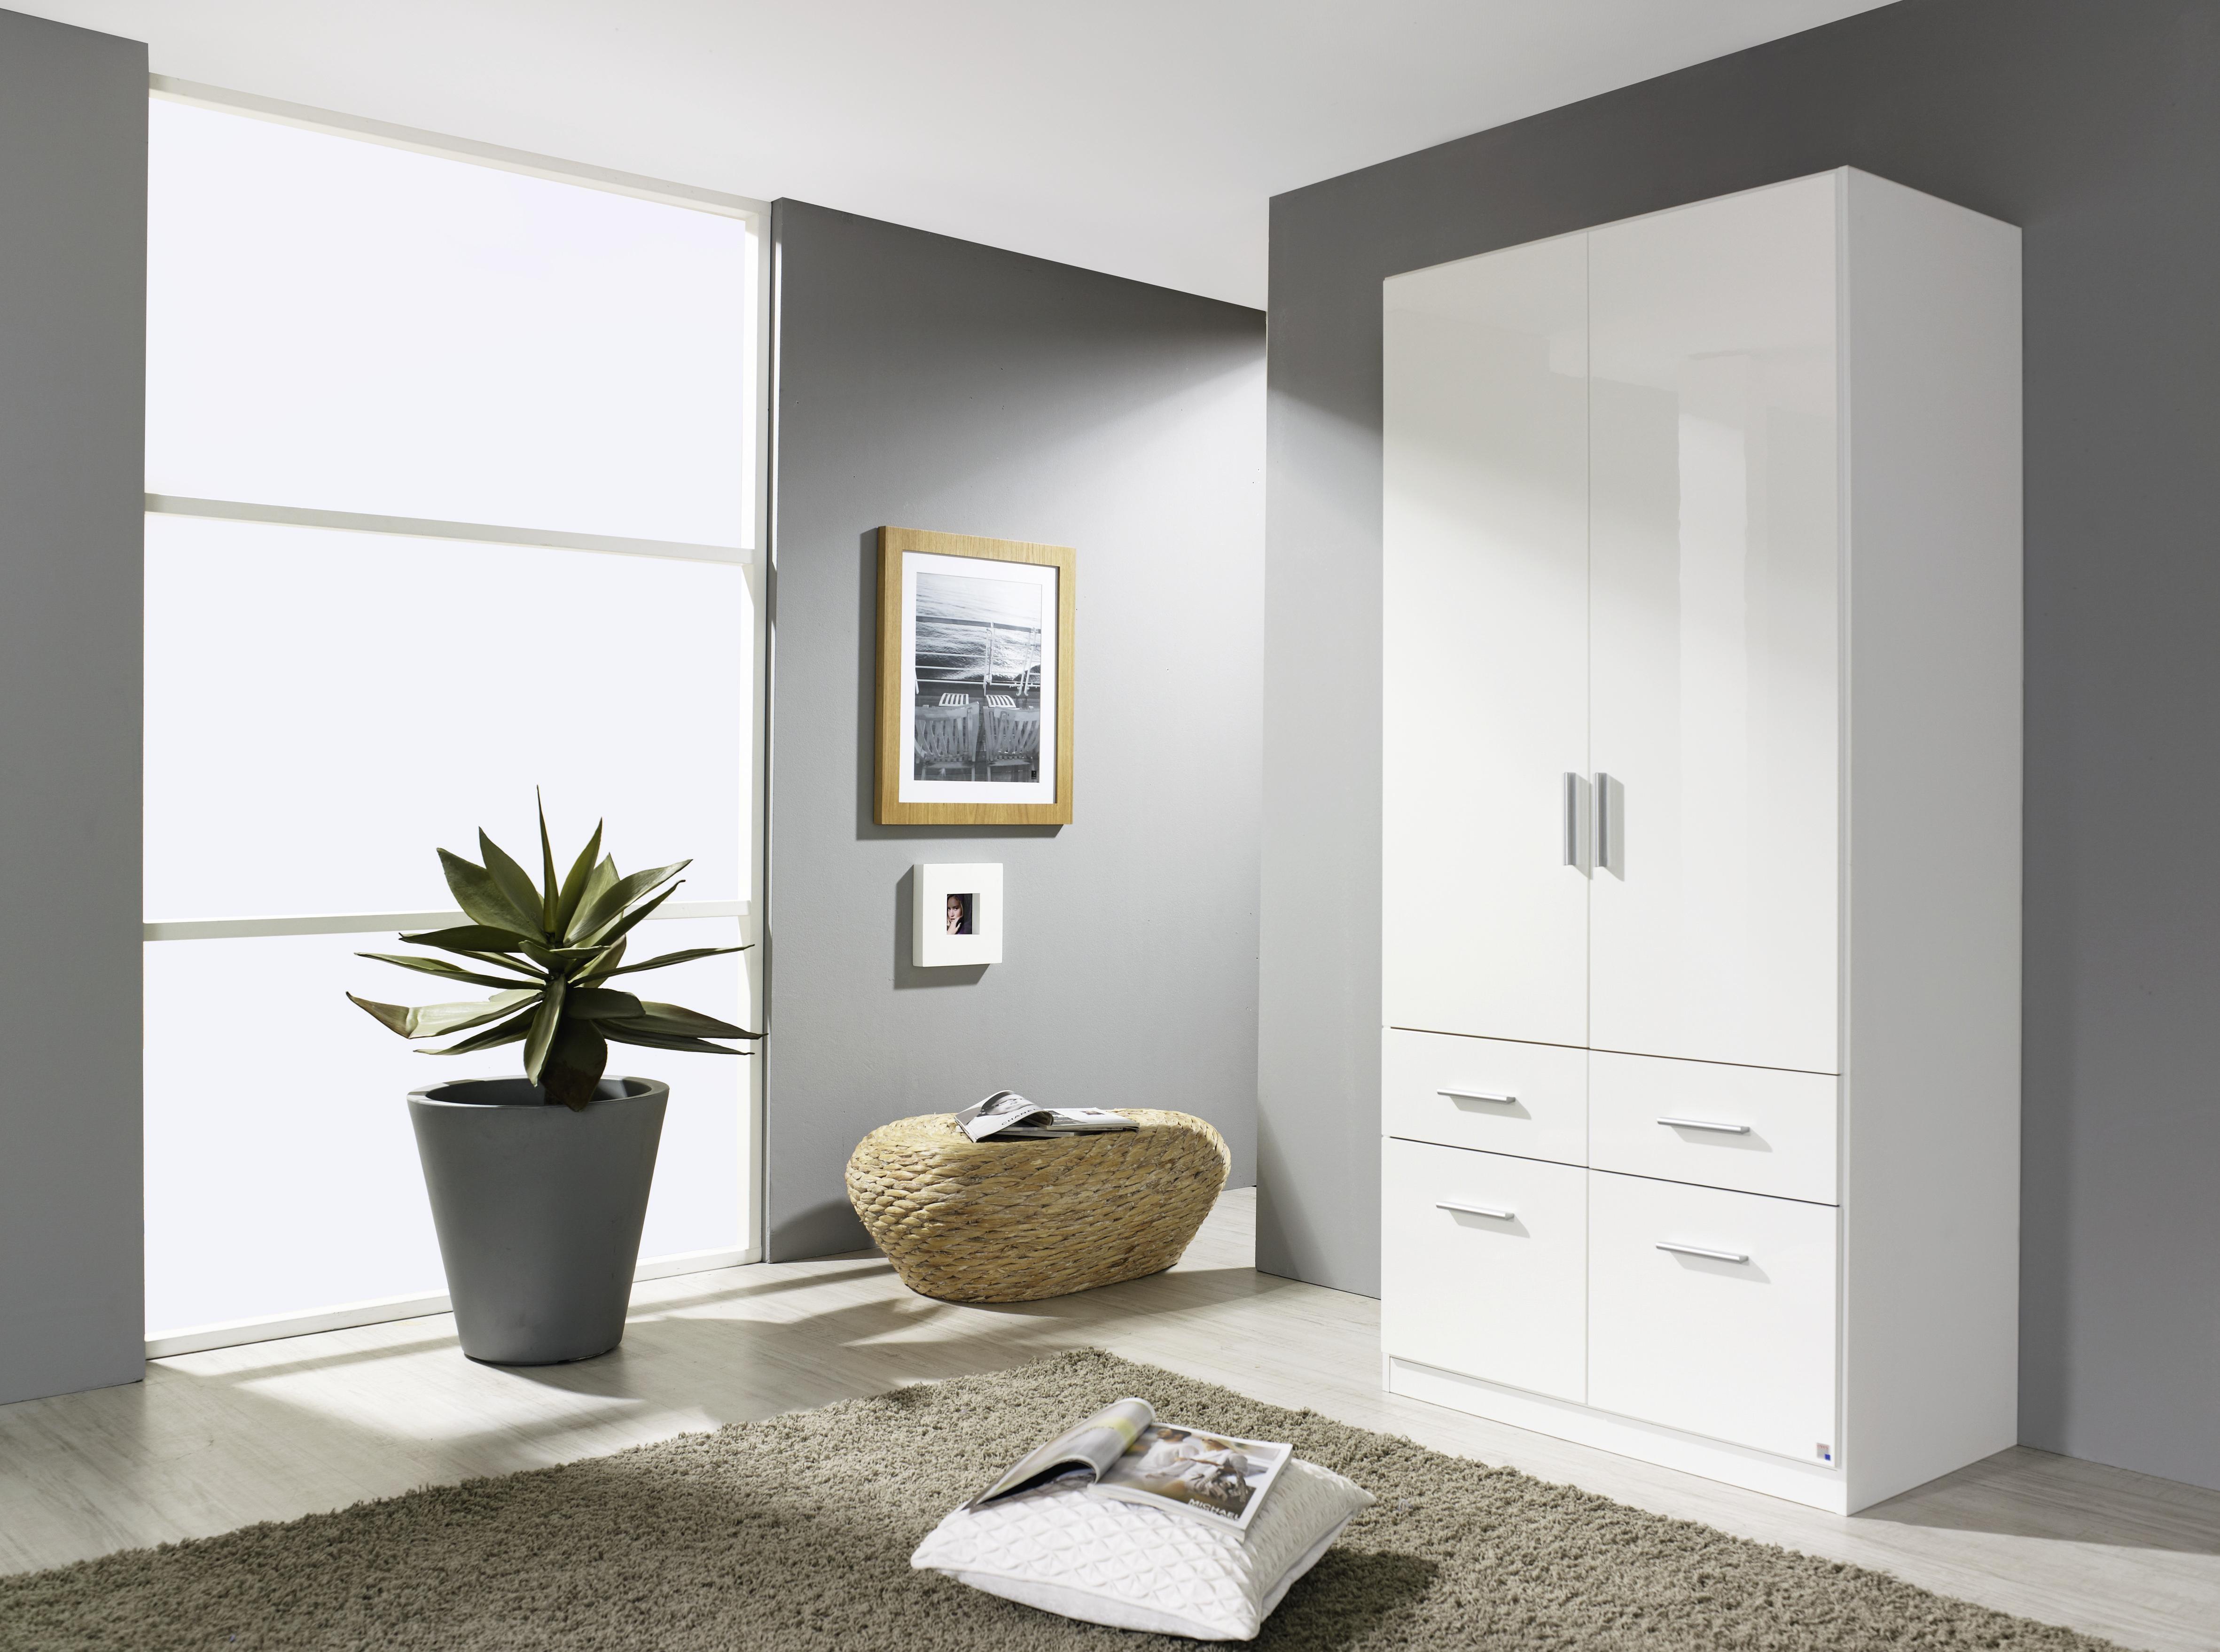 Купить белый глянцевый распашной шкаф гламур 15 можно здесь!.